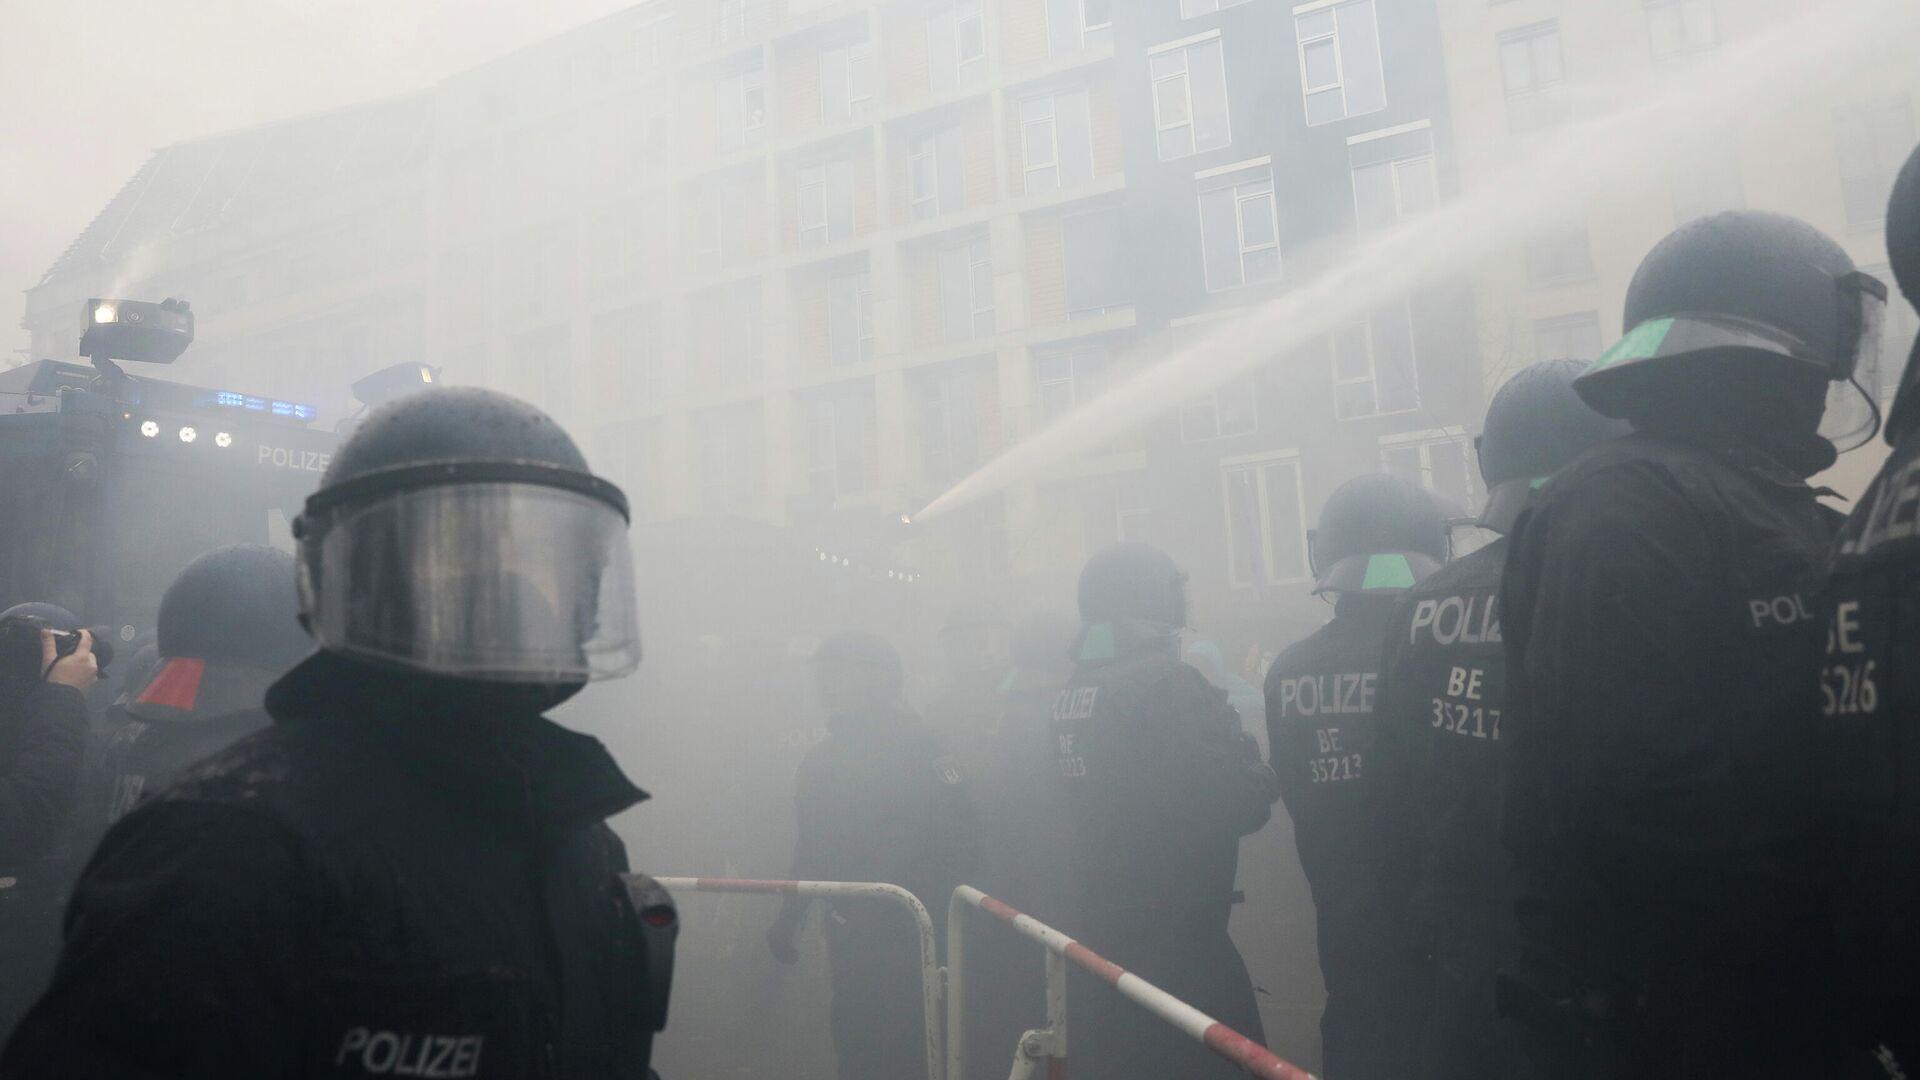 Разгон протестующих возле здания Рейхстага в Берлине - РИА Новости, 1920, 18.11.2020